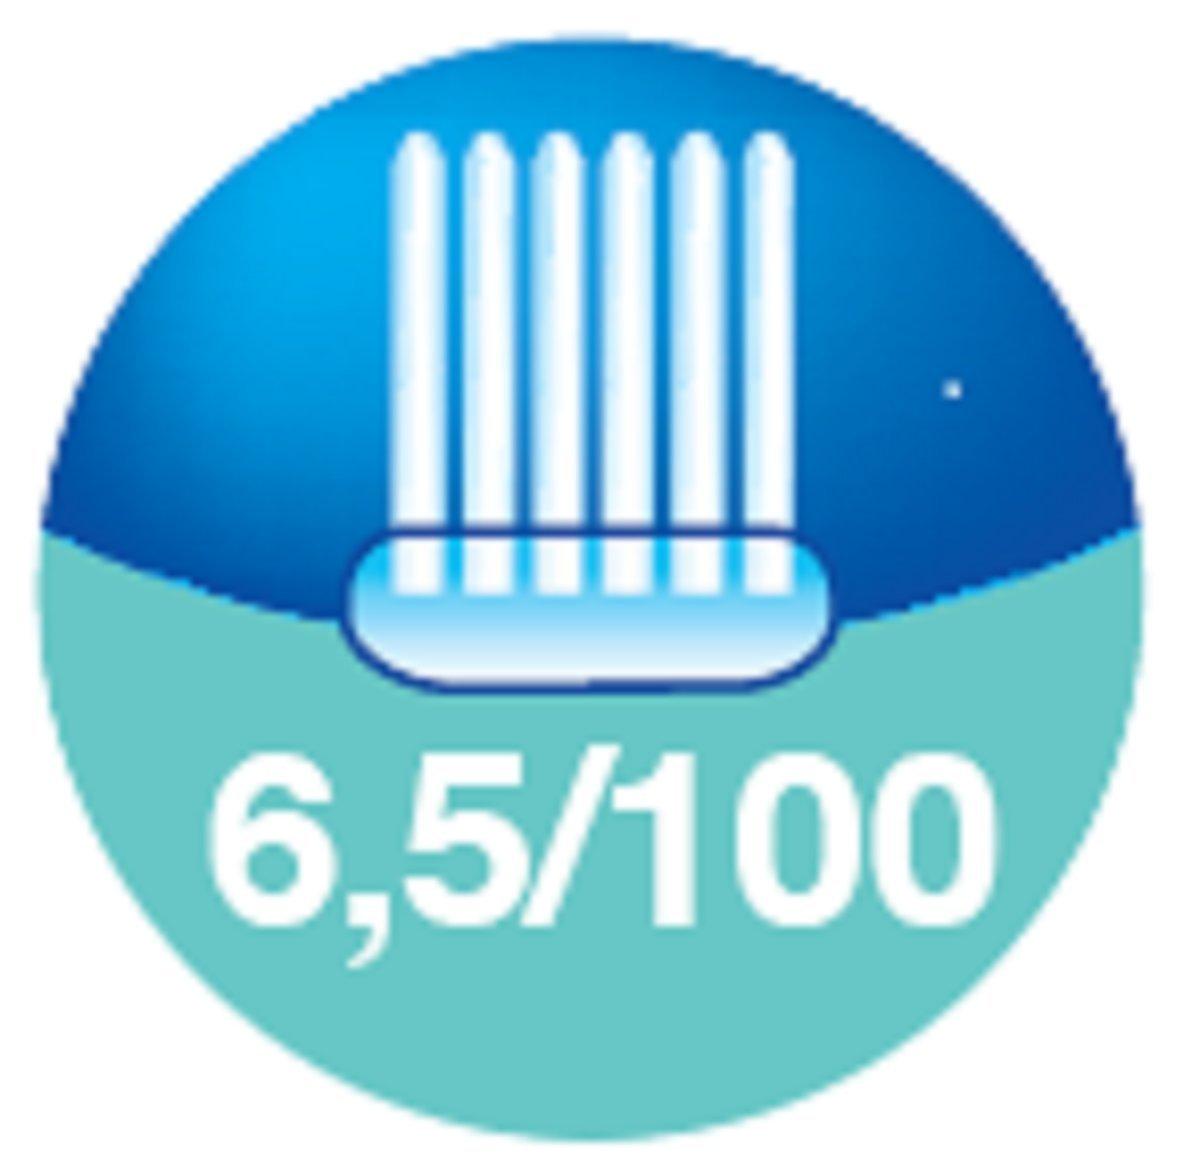 INAVA - Funcionamiento de Inava cepillo Post 6,5 100 Pierre Fabre: Amazon.es: Belleza